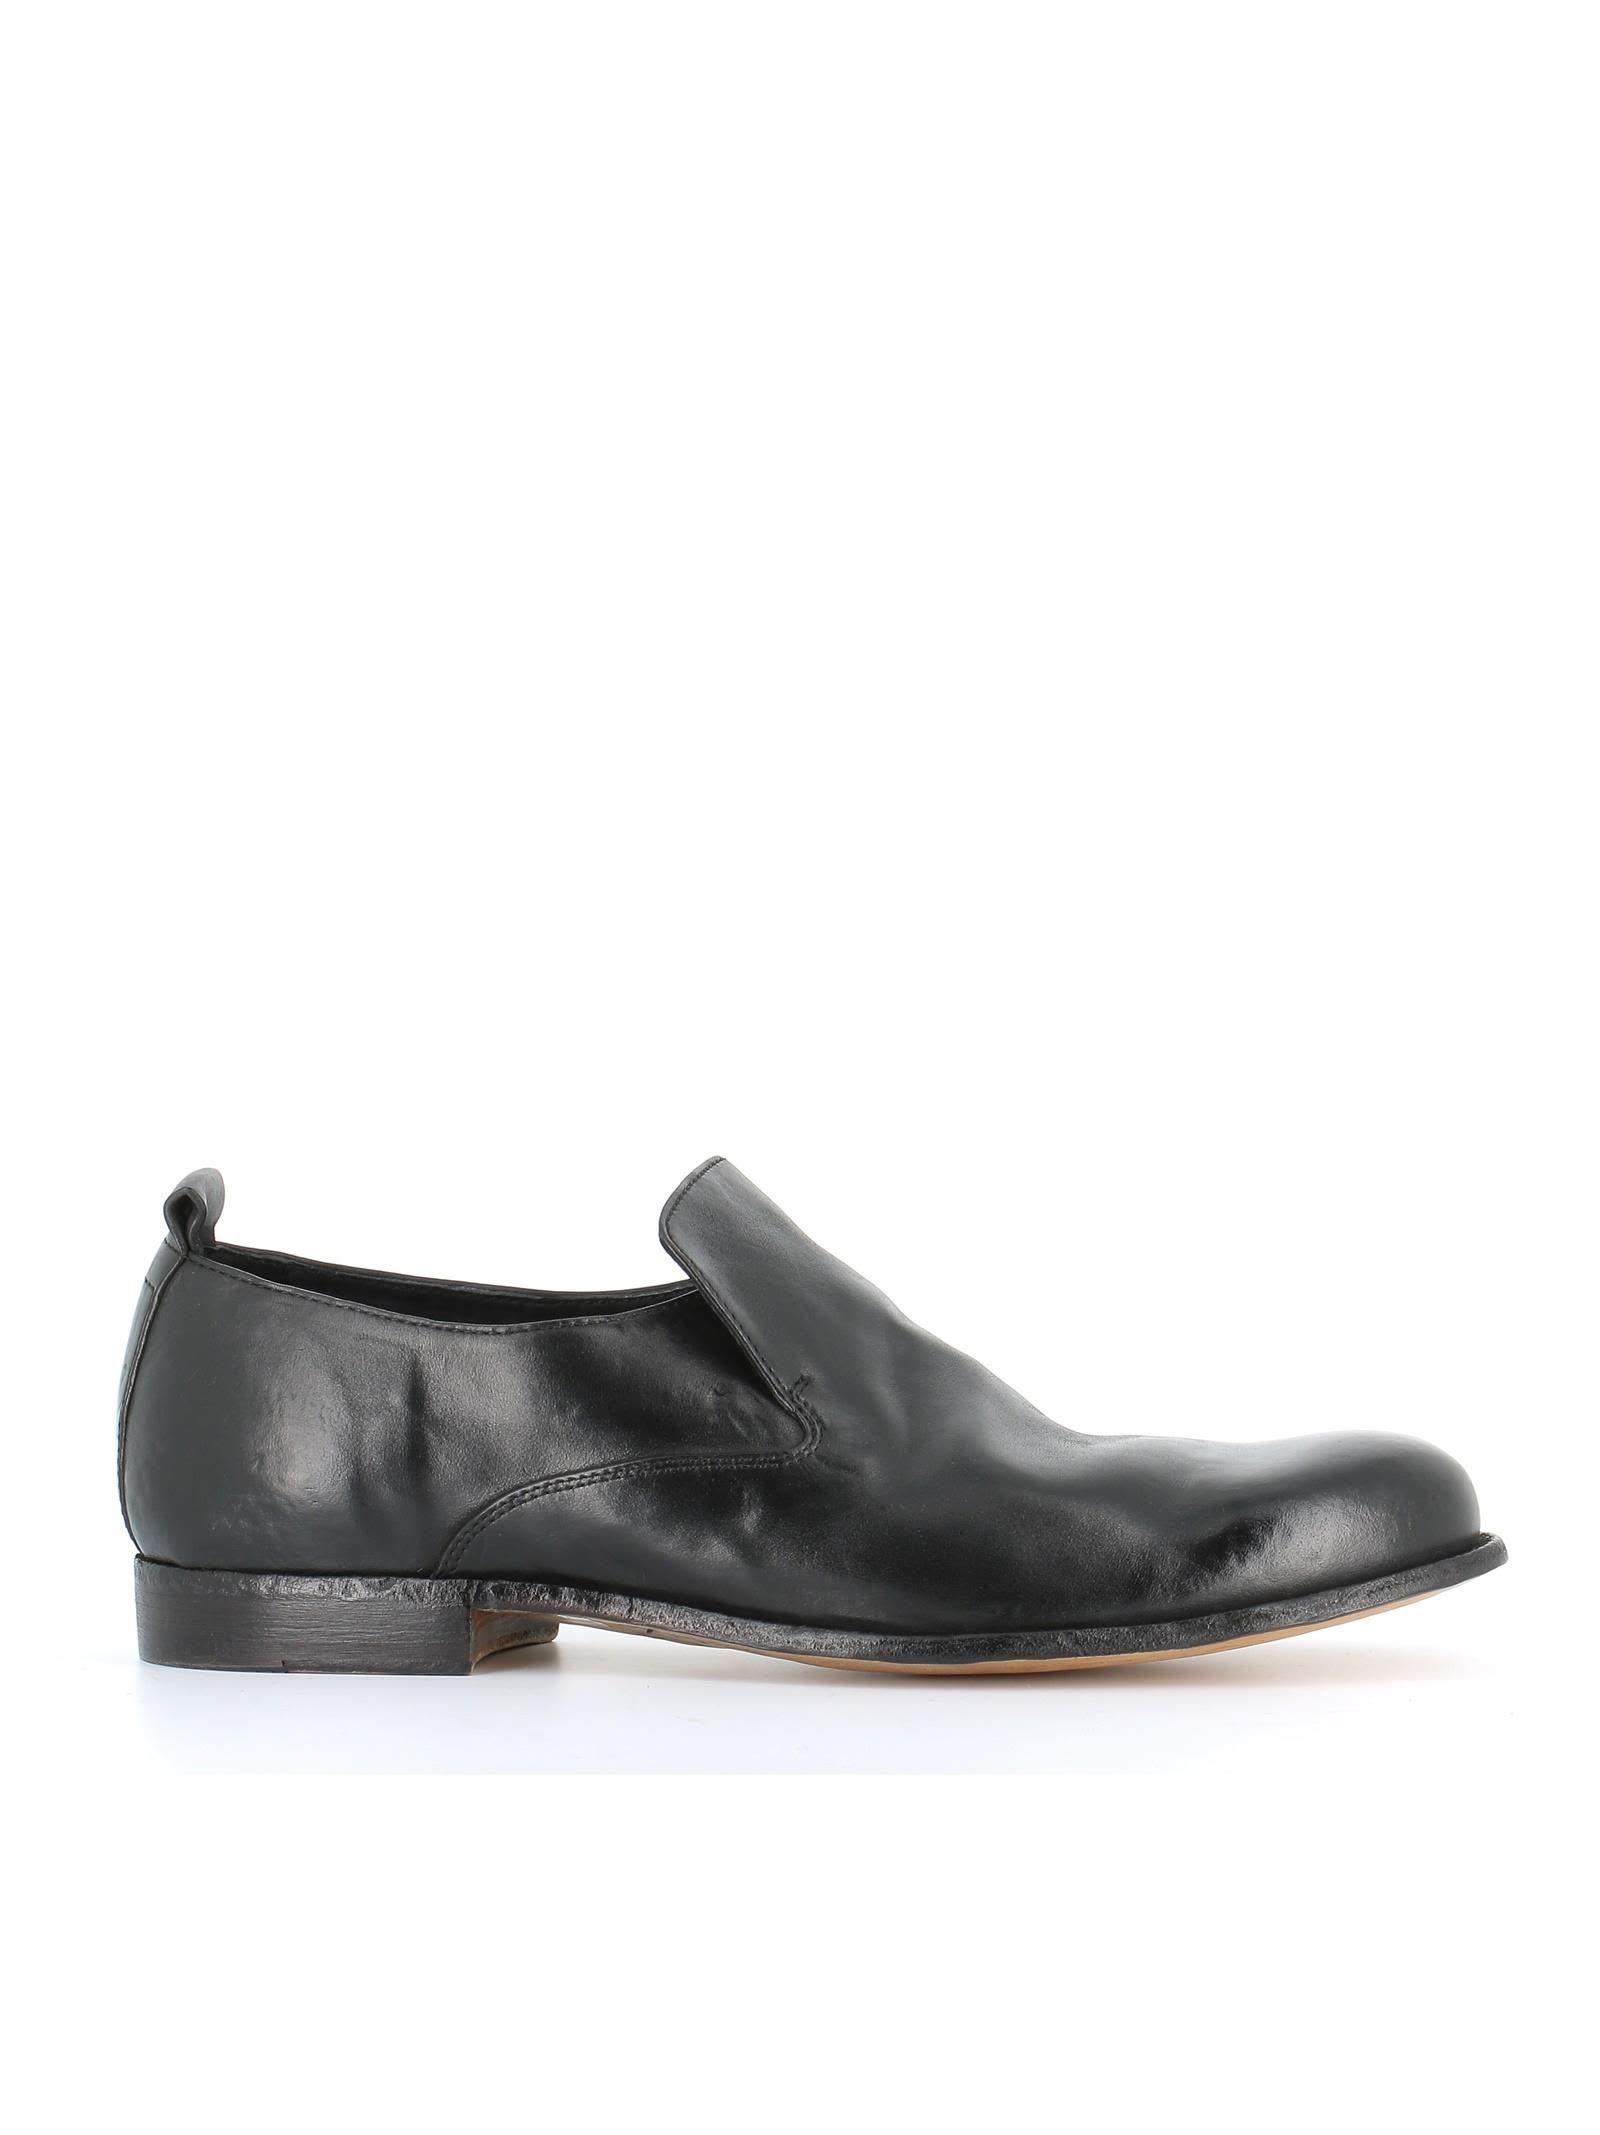 Créatif Officine Mono-007 Chaussures De Pantoufles Classiques emOMt